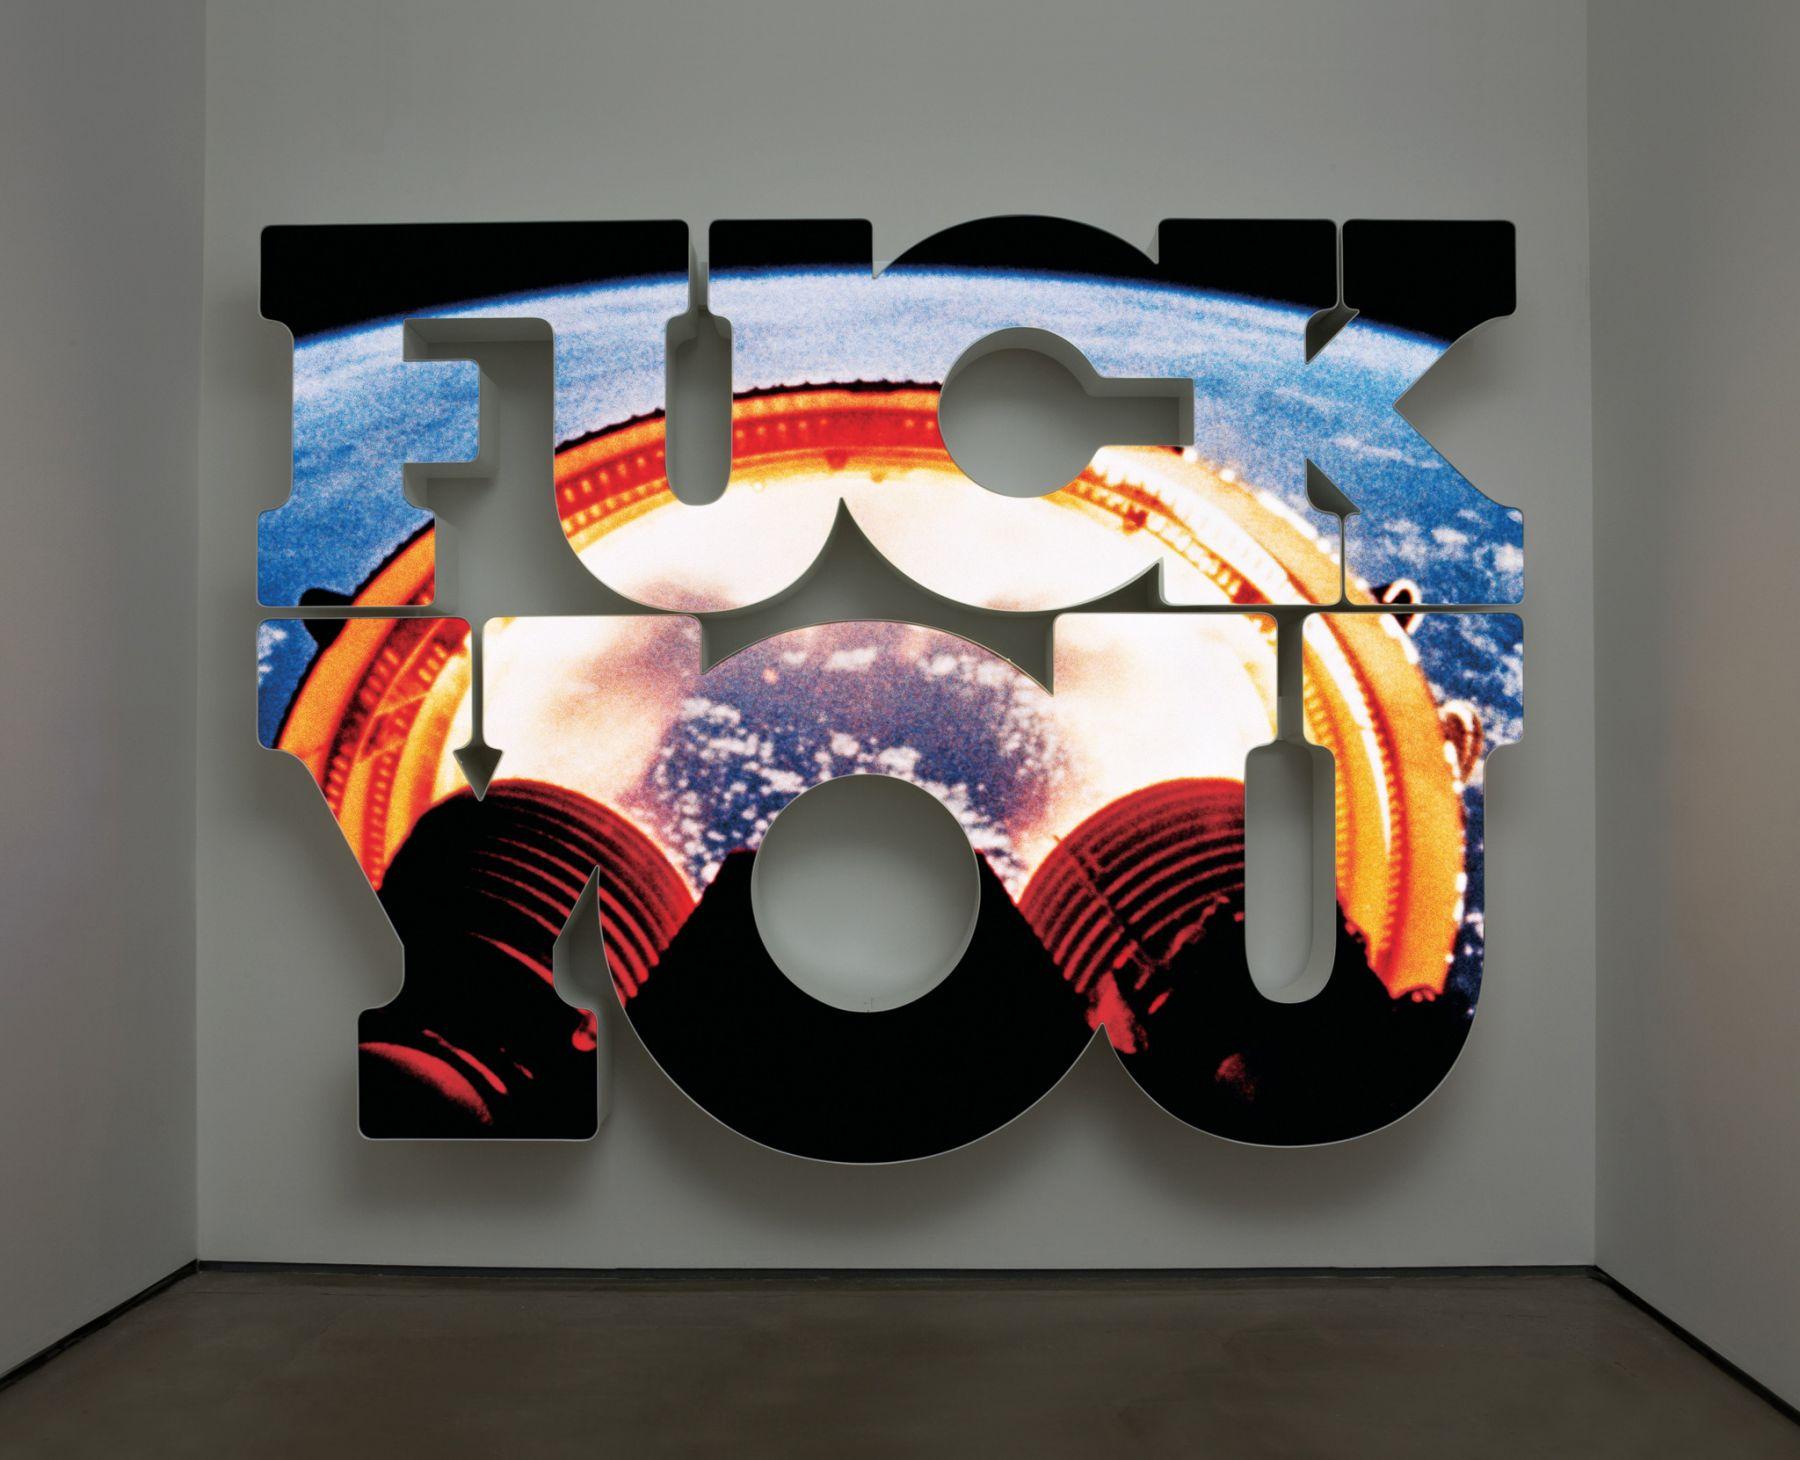 Doug Aitken, last blast